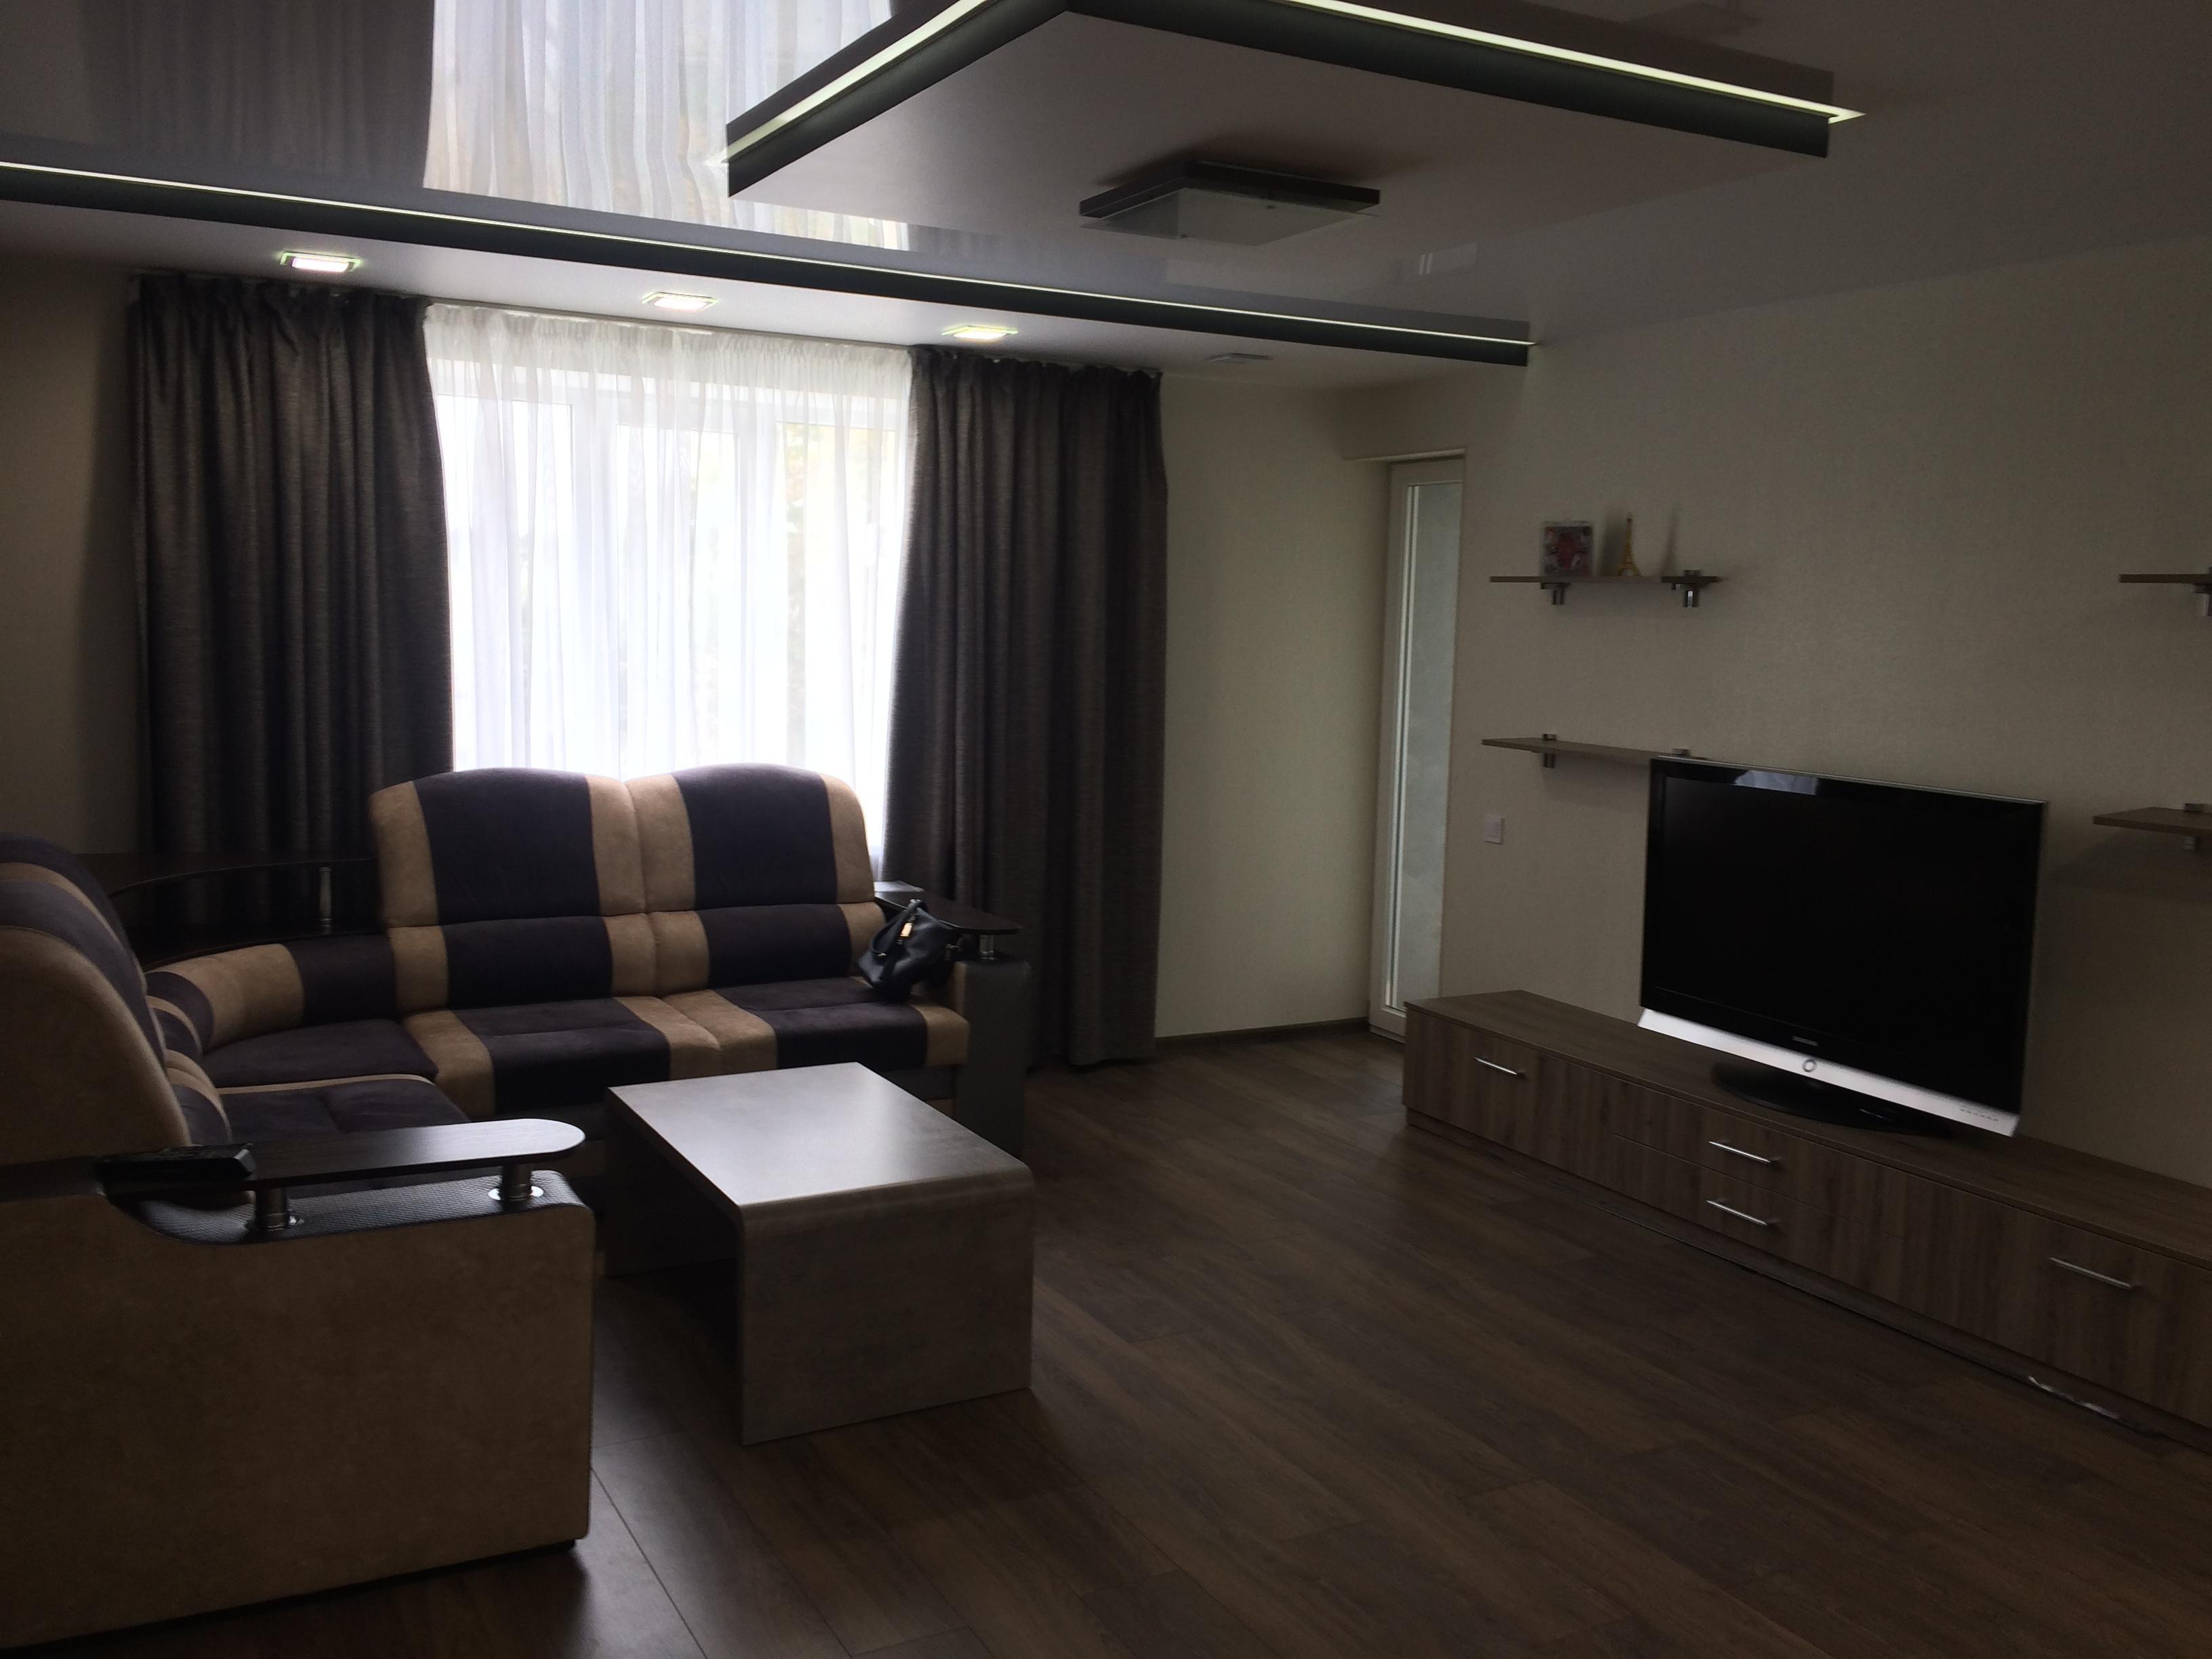 Недвижимость в Черкассах, продажа квартиры в Черкассах, купить квартиру в Черкассах